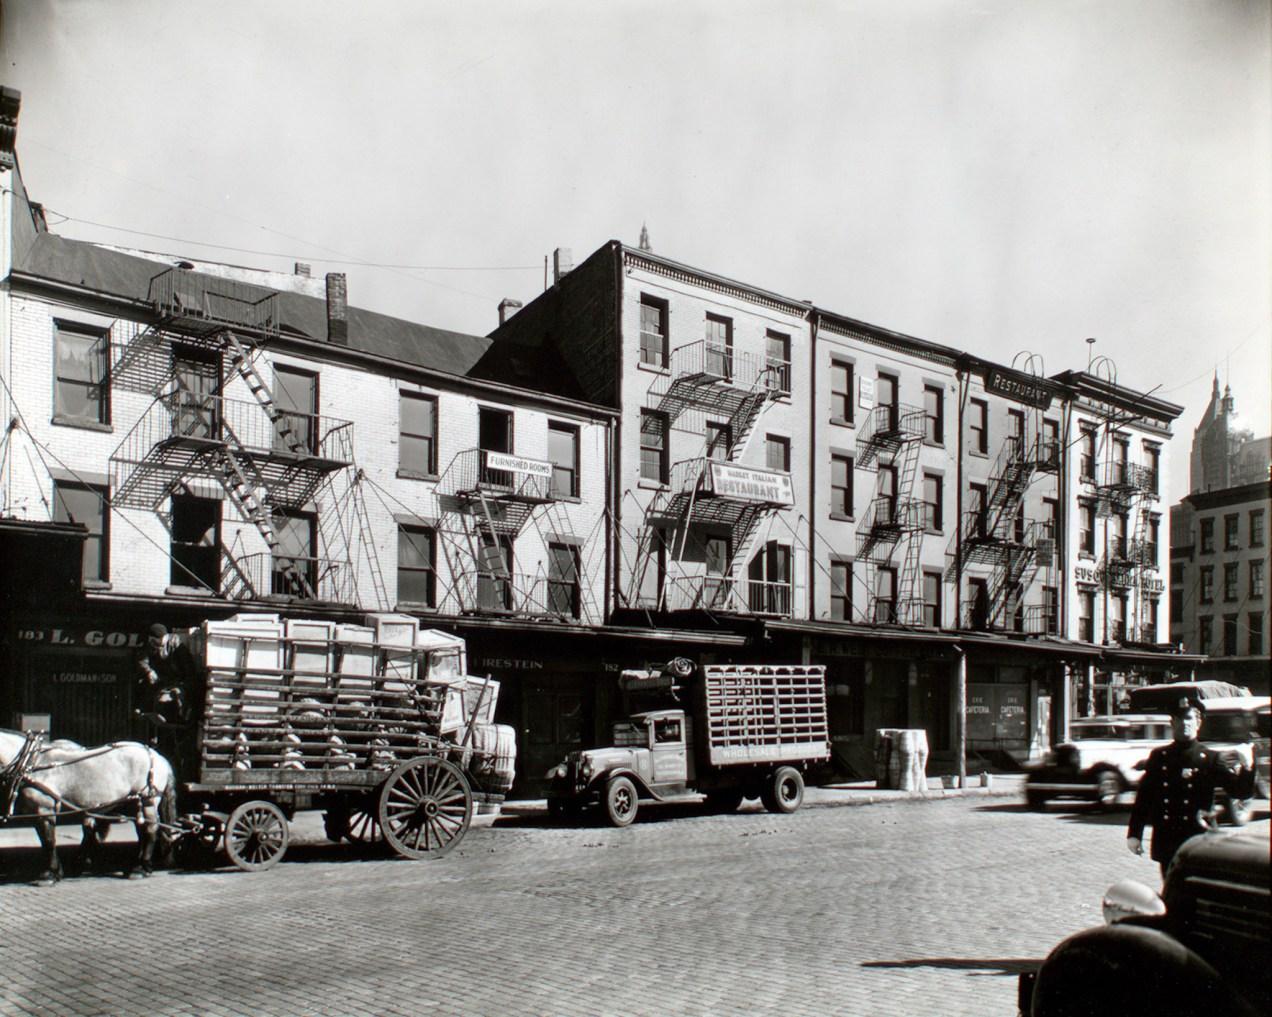 West Street Row, I. 178-183 West Street, Manhattan, 1936